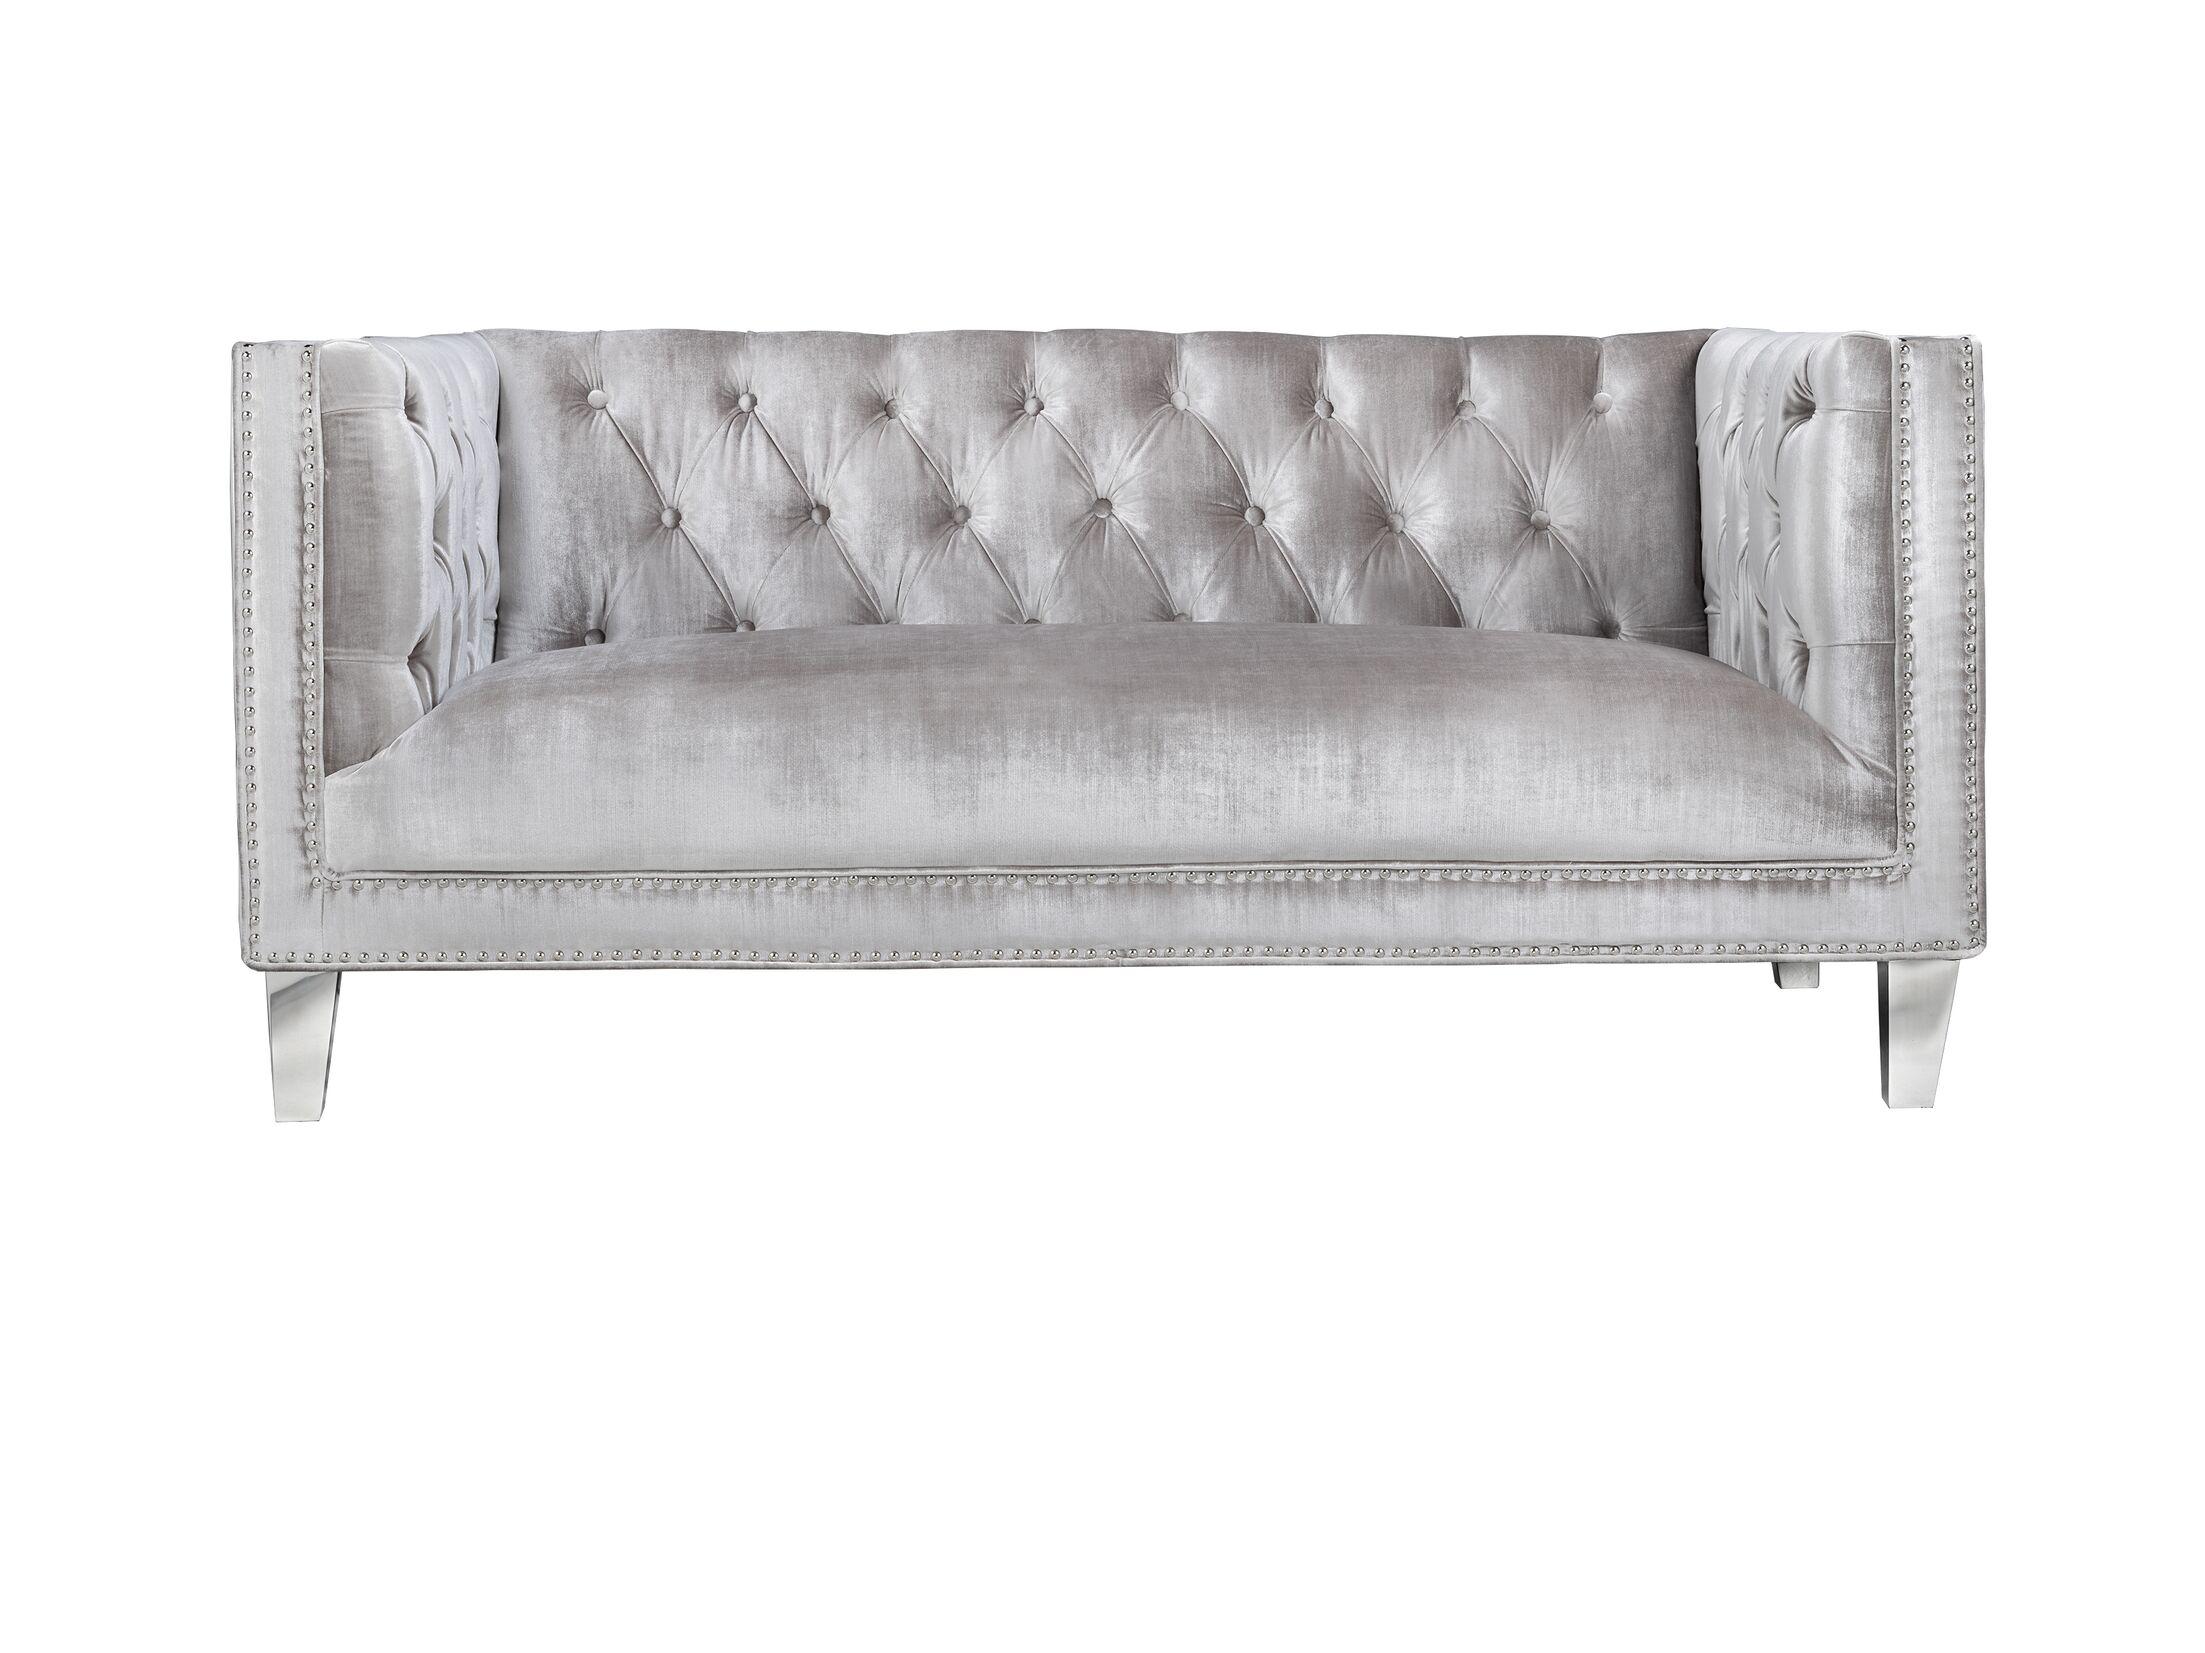 Luxullian Citrus Loveseat Upholstery: Gray